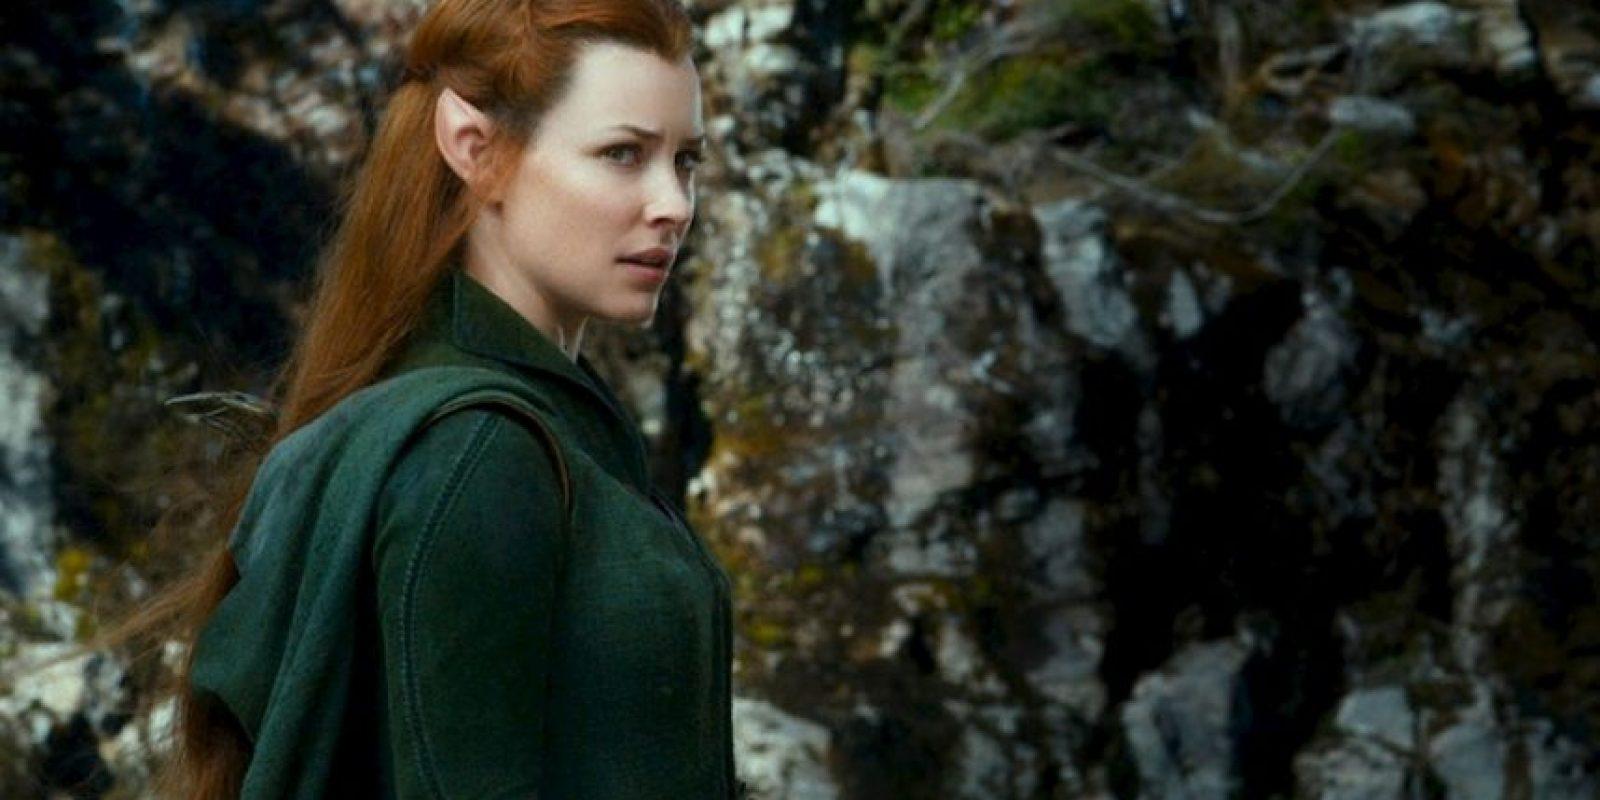 Reúne las características de muchos de los personajes femeninos de la obra de J. R. R. Tolkien. Foto:New Line Cinema/MGM